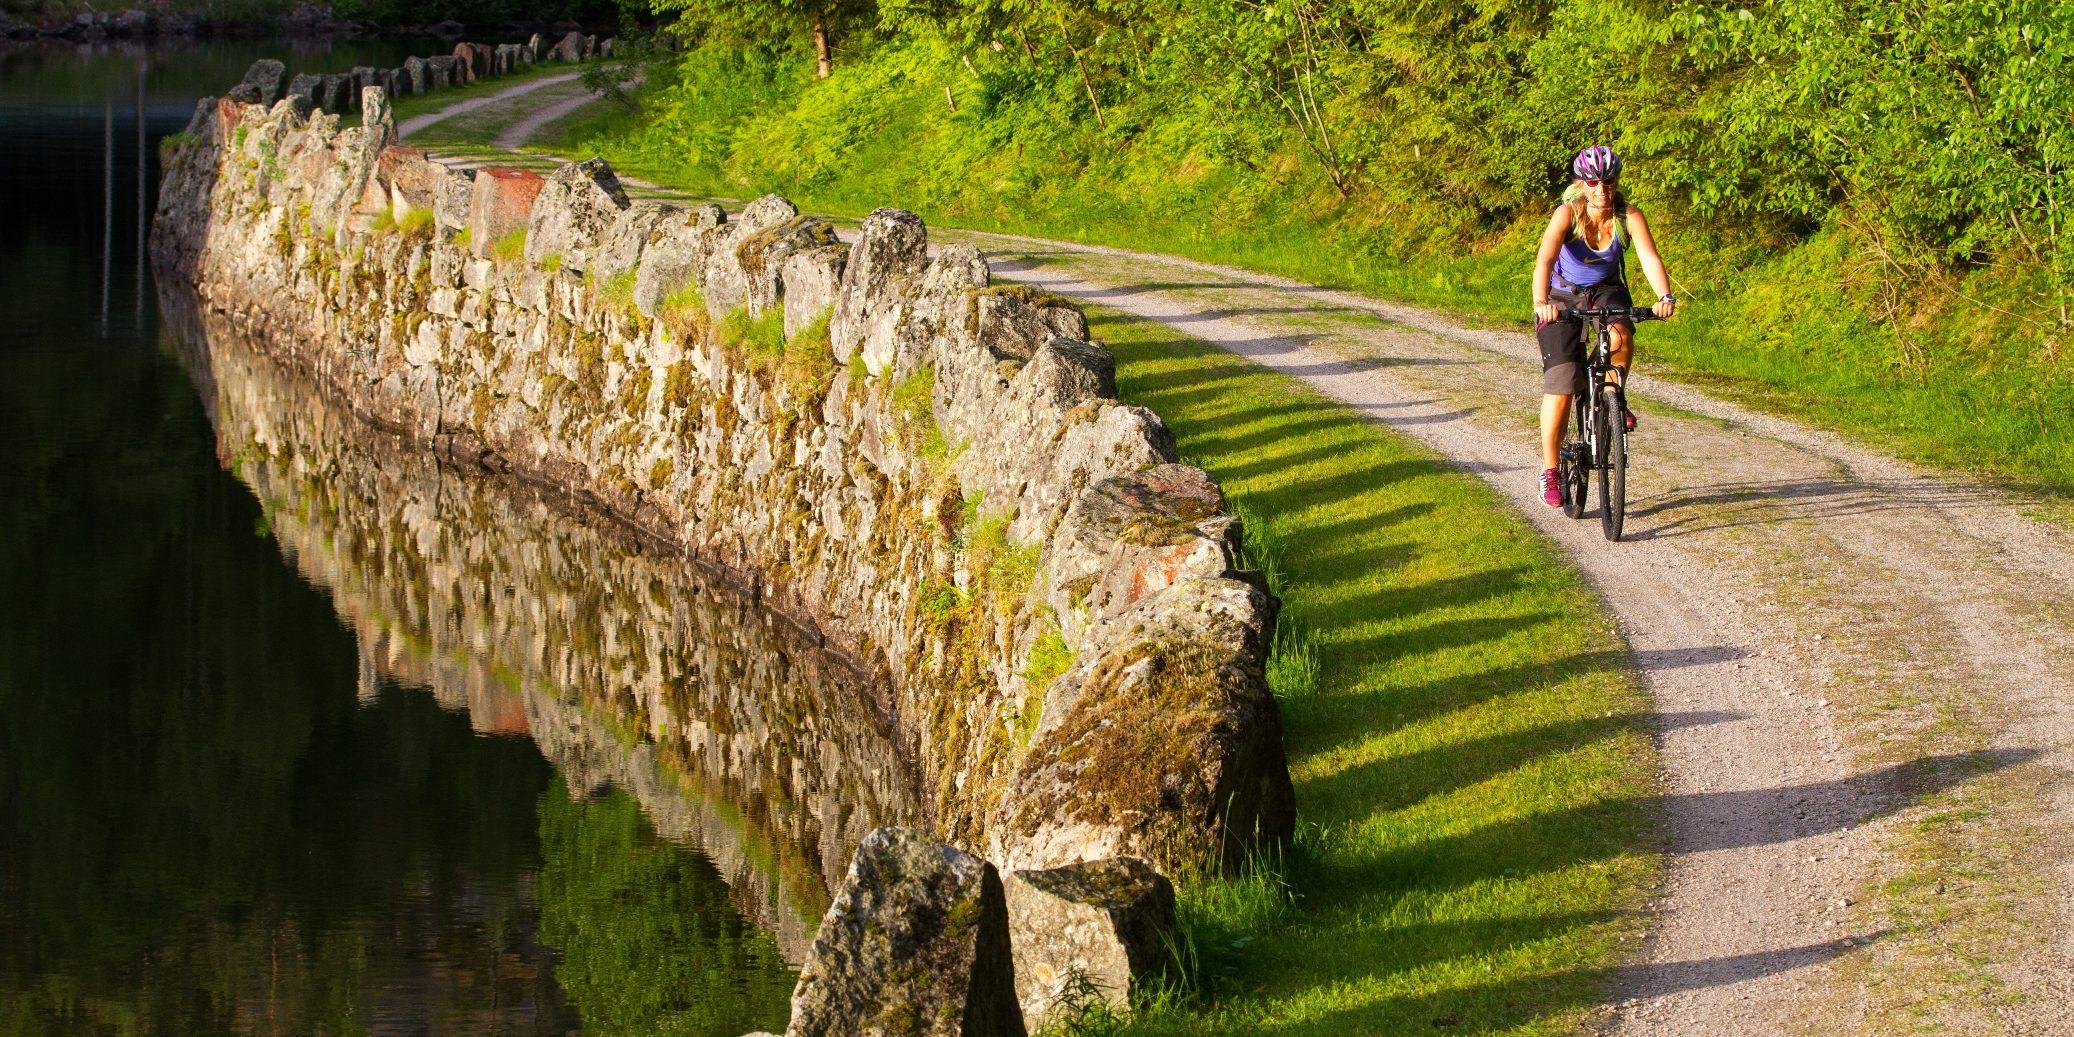 Sykling ved murane Foto: Simen Berg